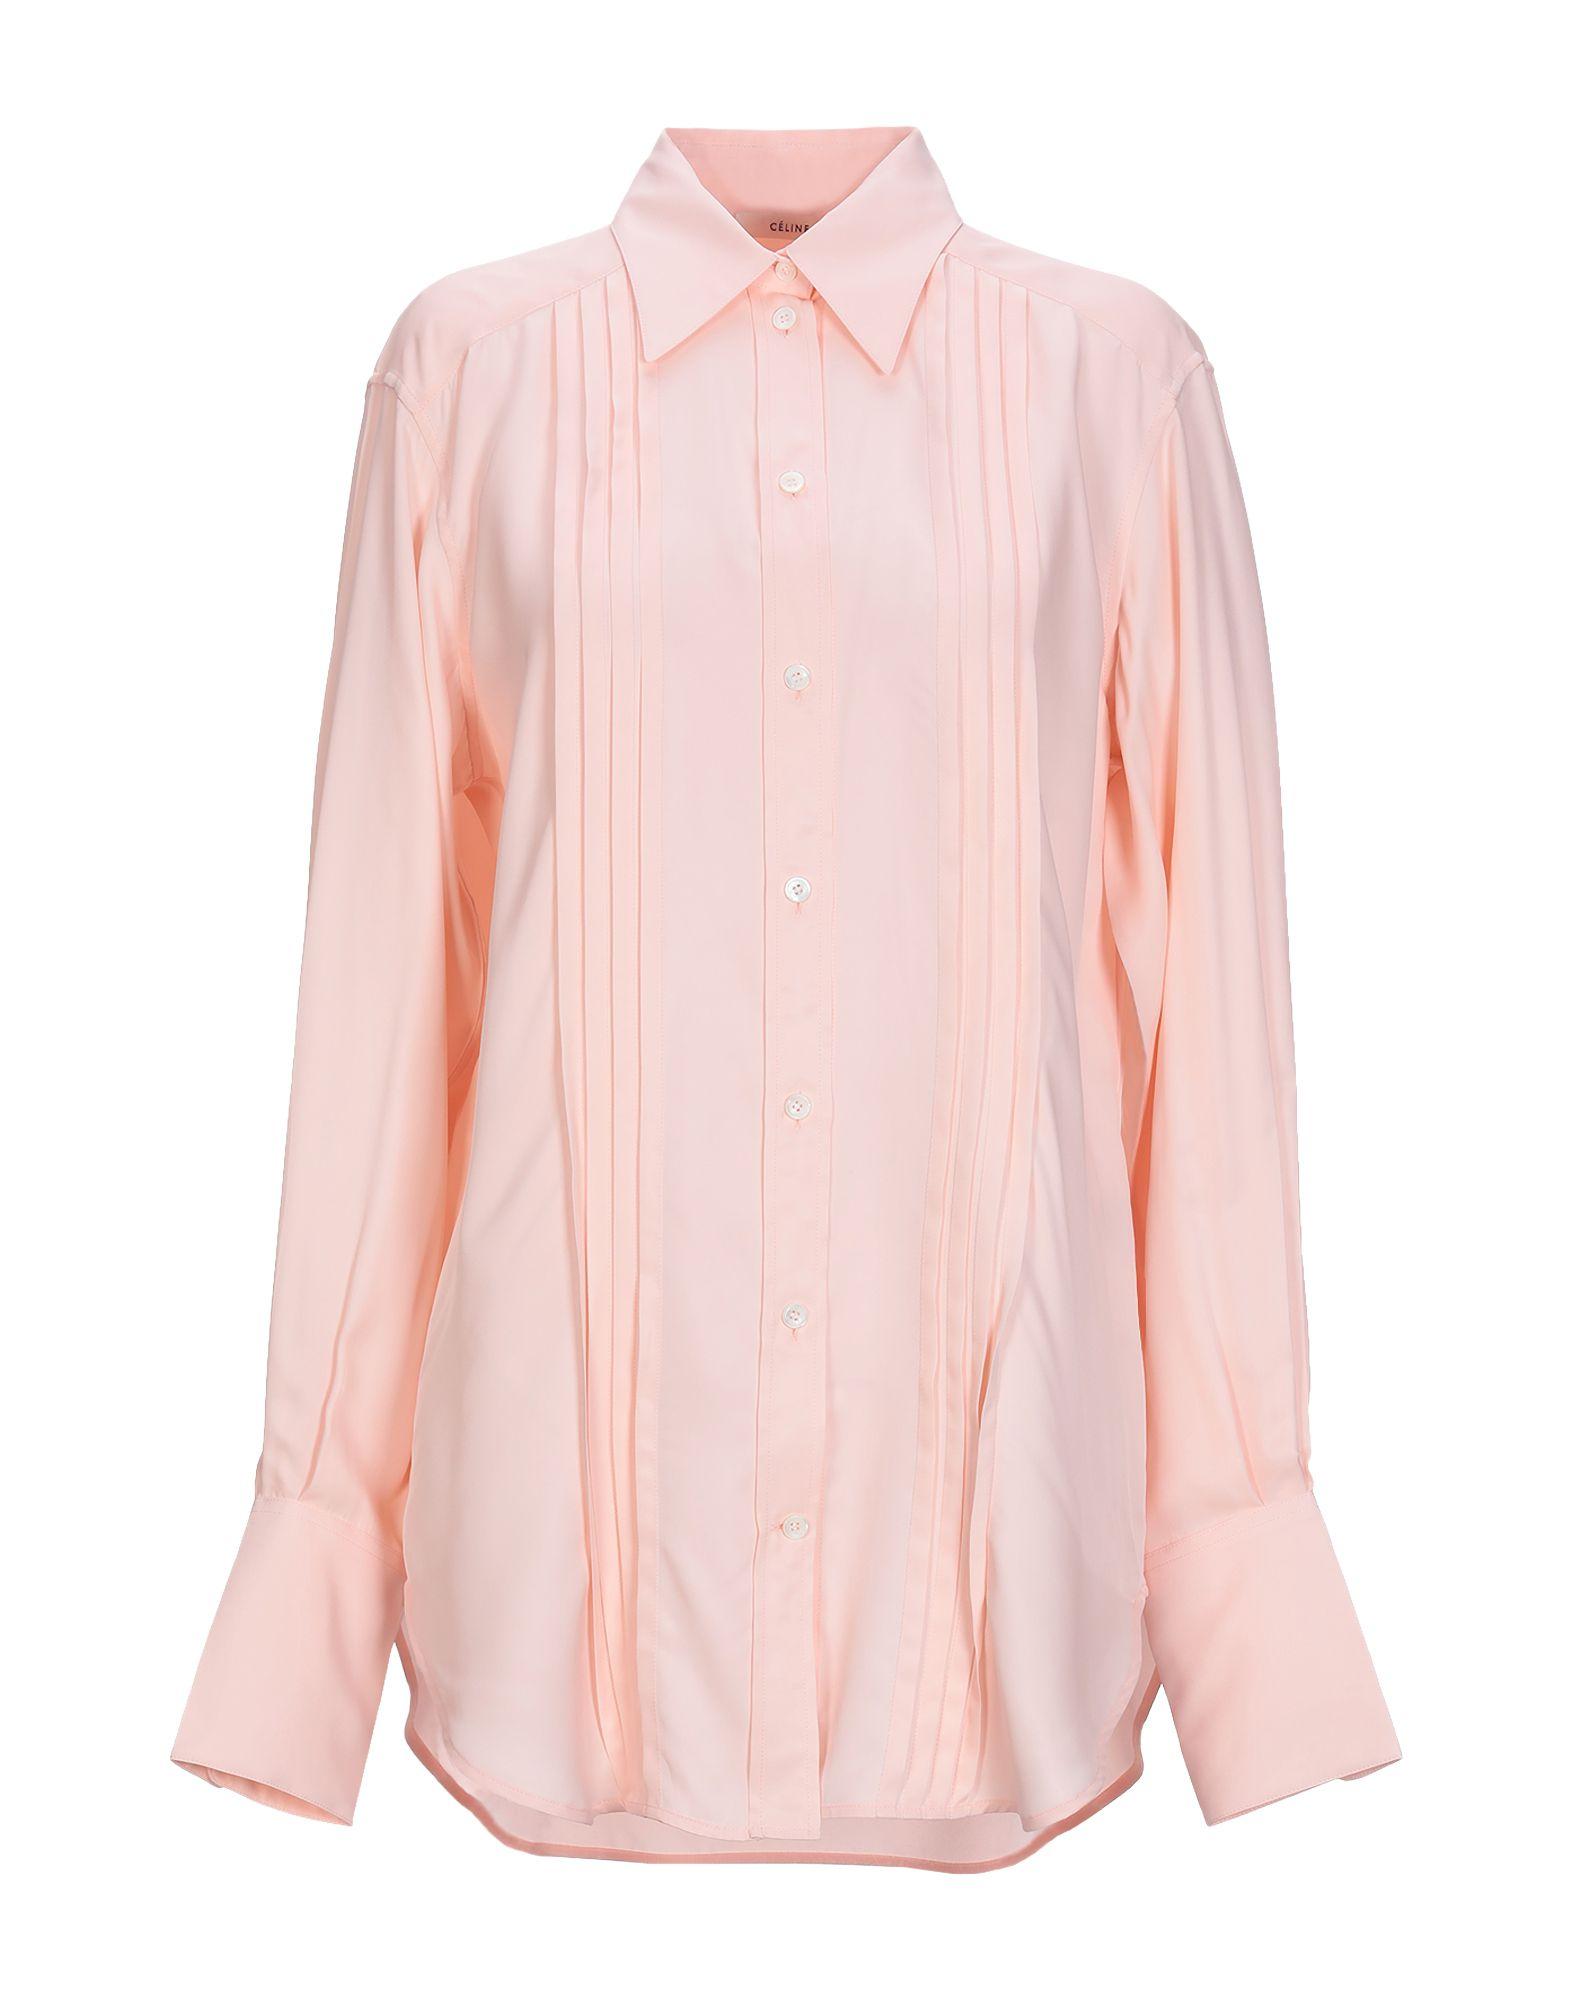 da45ad05b9 Camicie Donna Celine Collezione Primavera-Estate e Autunno-Inverno ...